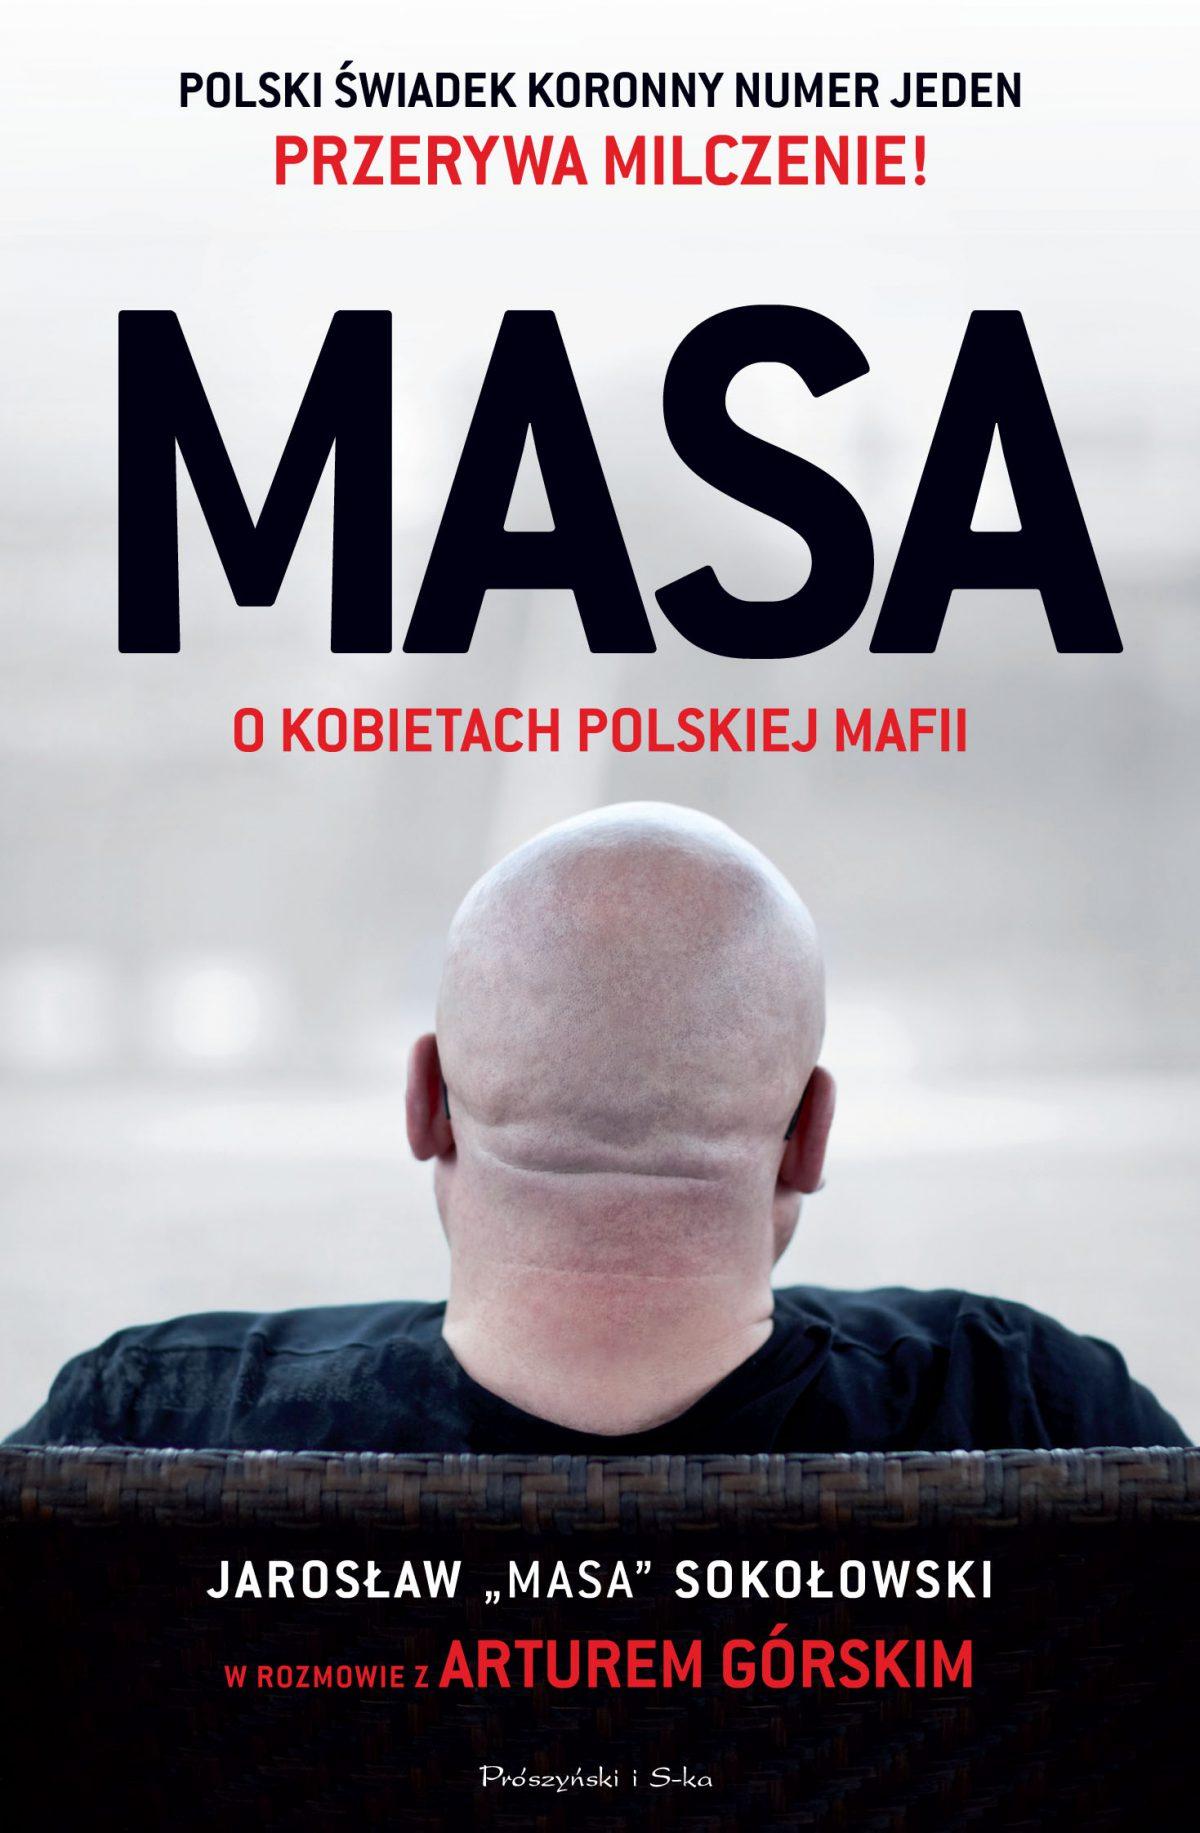 MASA o kobietach polskiej mafii - Ebook (Książka EPUB) do pobrania w formacie EPUB